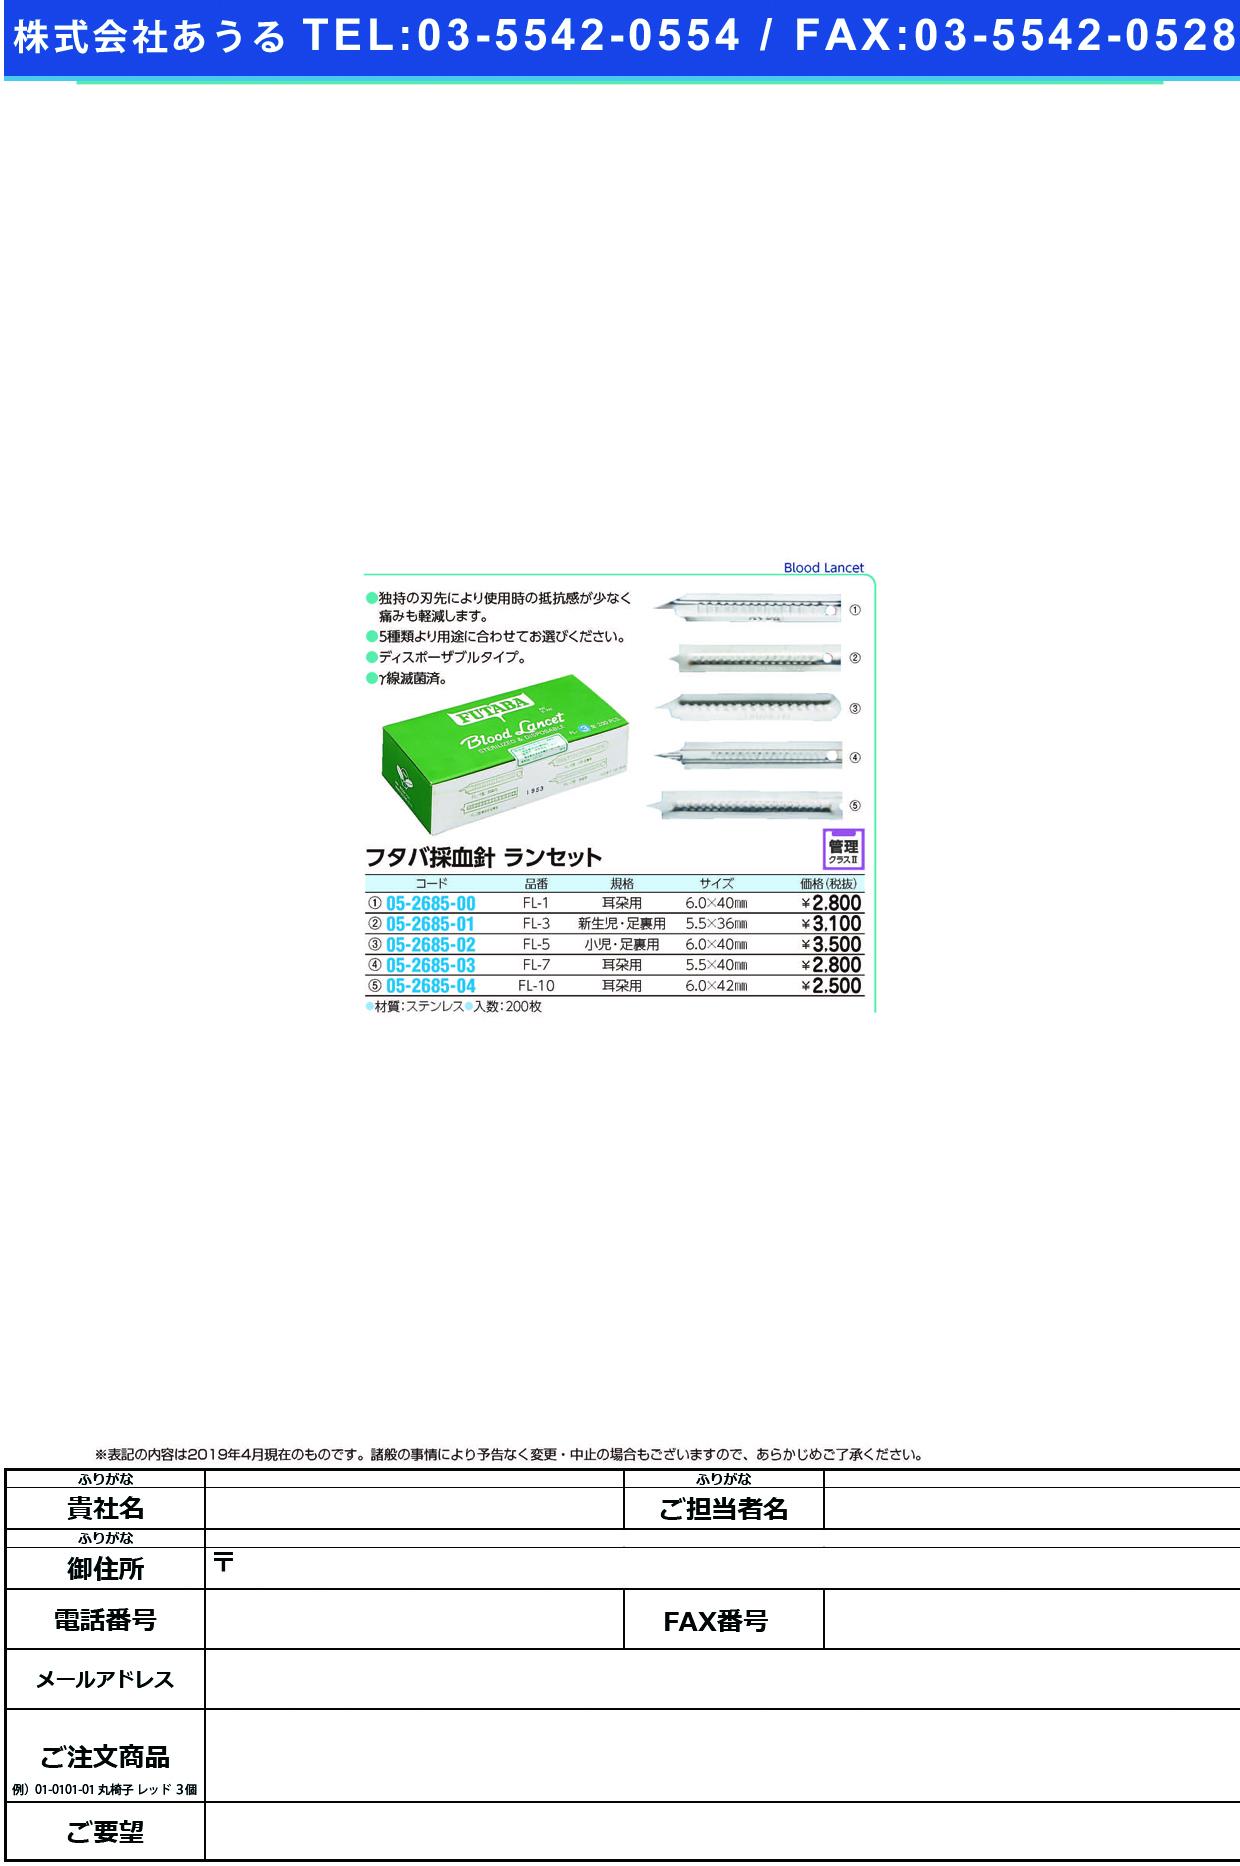 (05-2685-02)ランセット(フタバ) FL-5(200イリ) ランセット(フタバ)【1箱単位】【2019年カタログ商品】